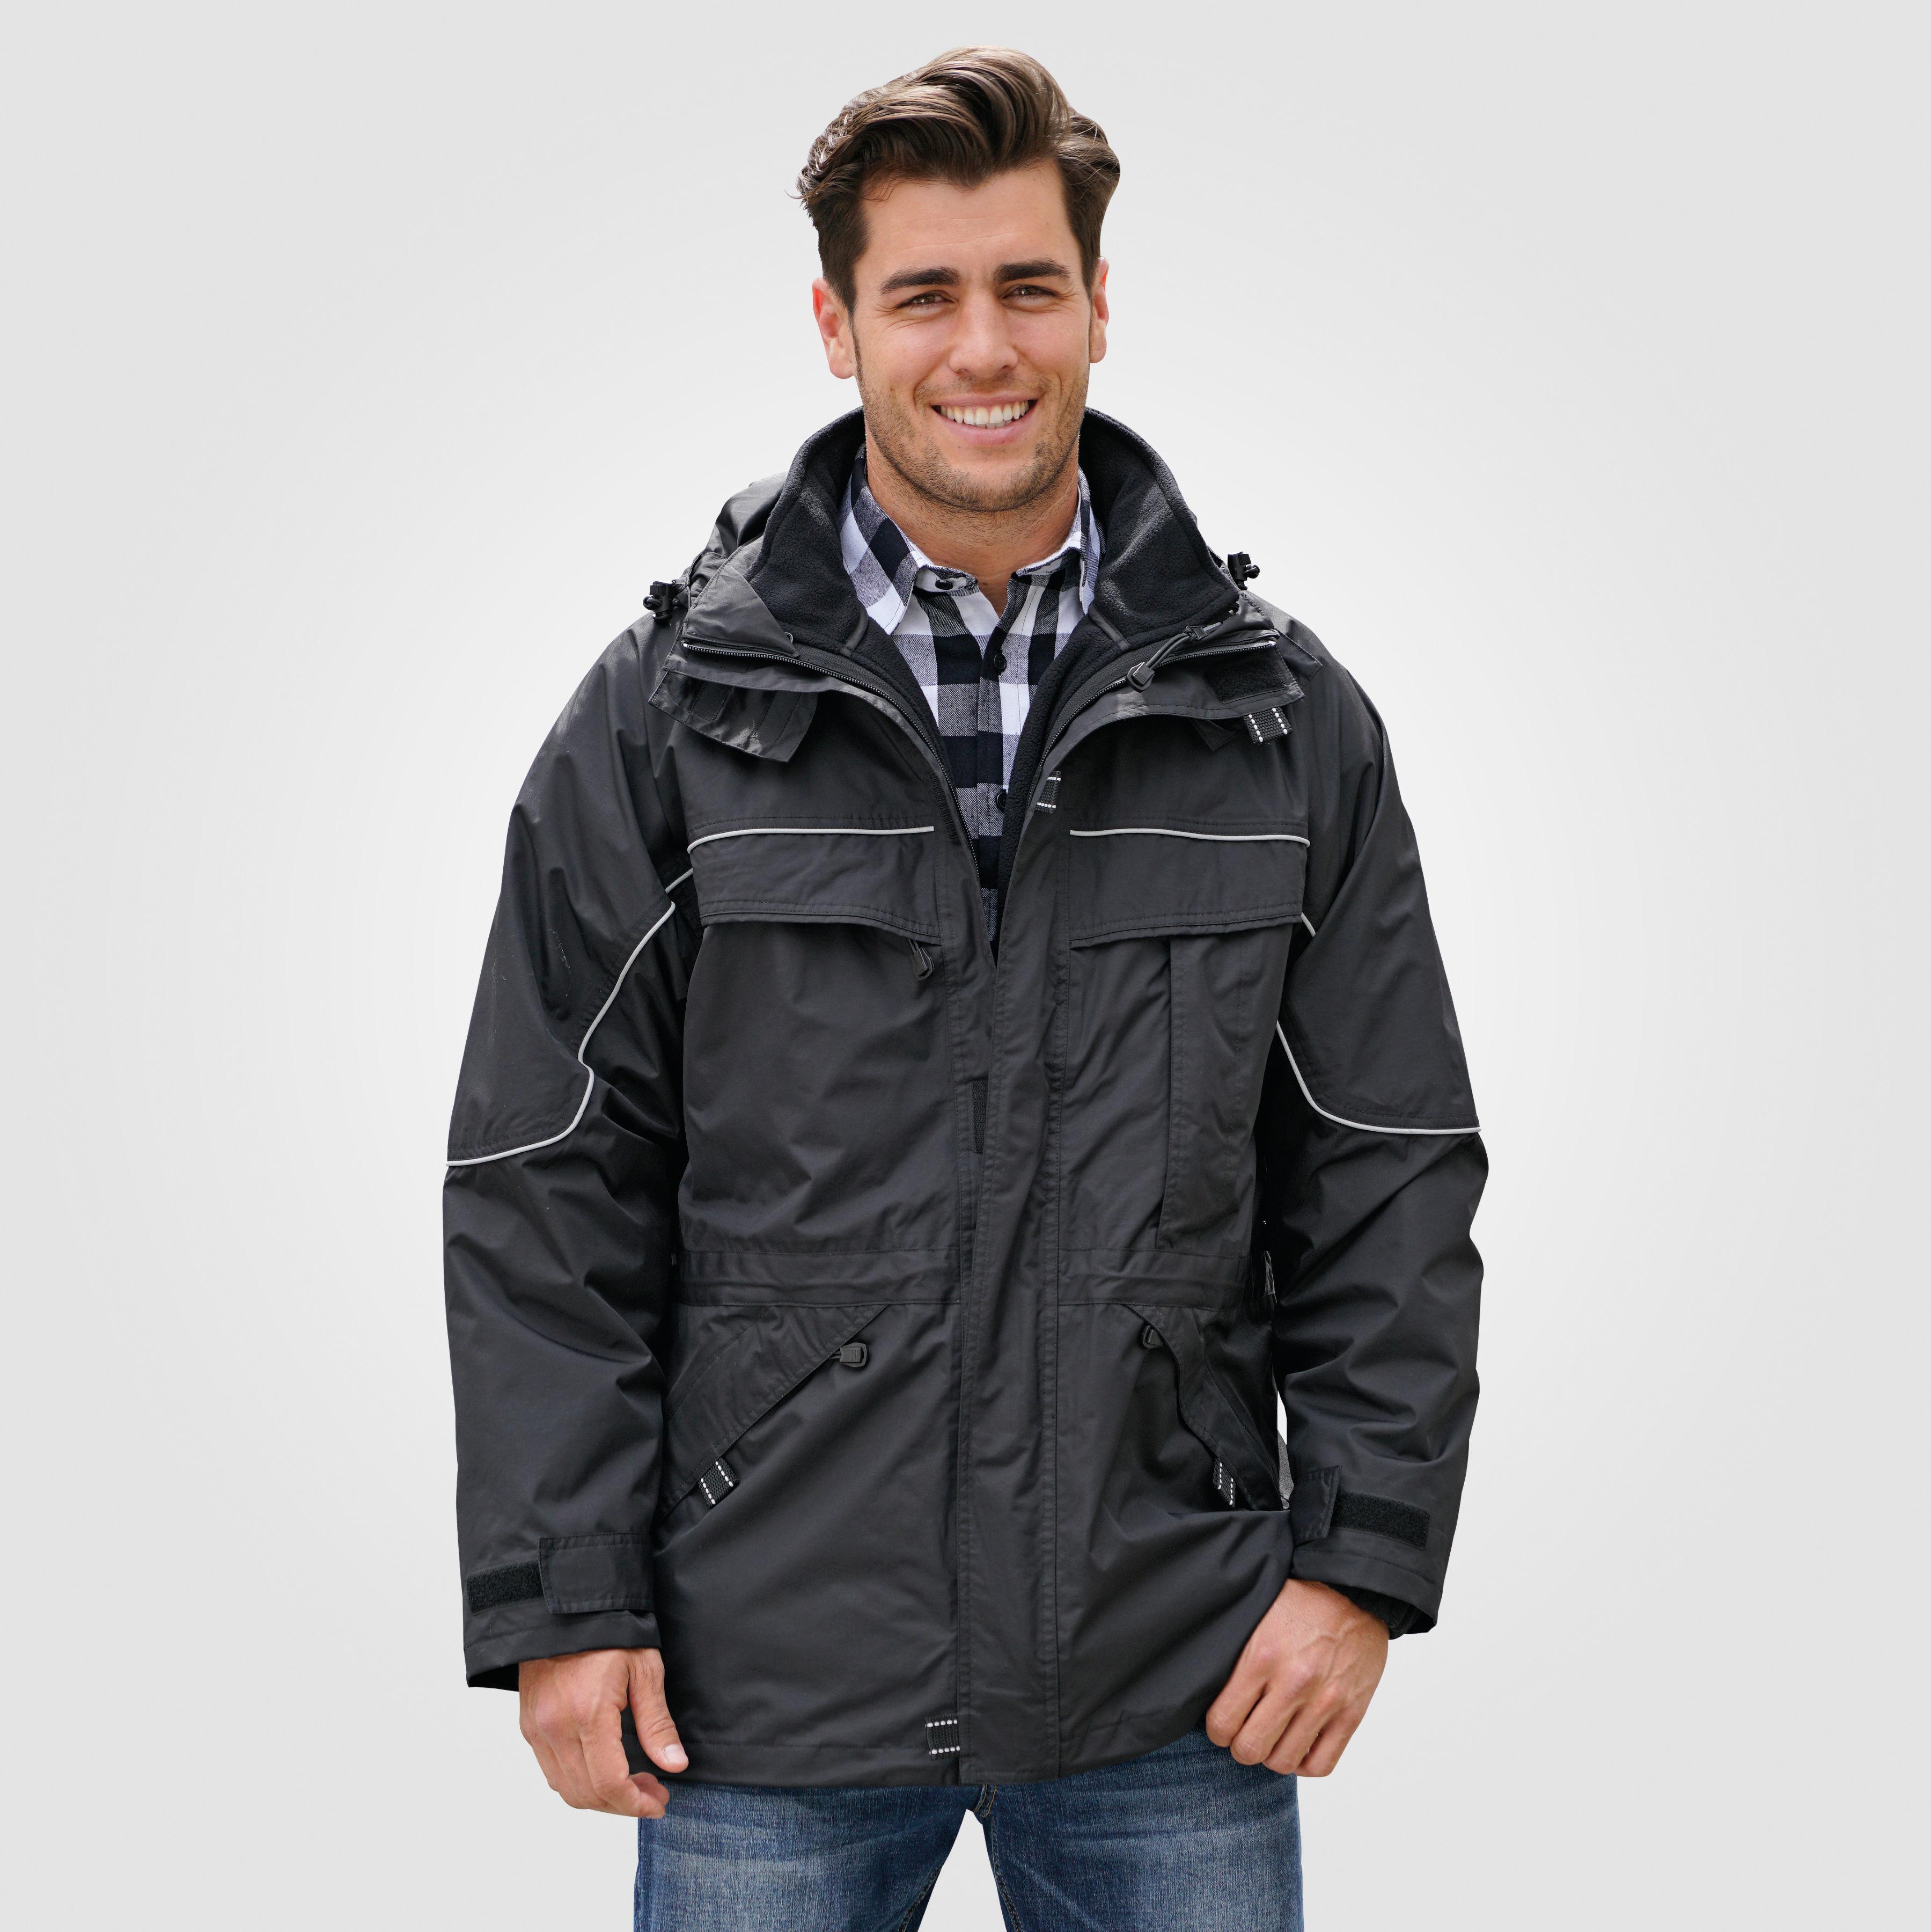 Herren Outdoor Jacke 3 in 1